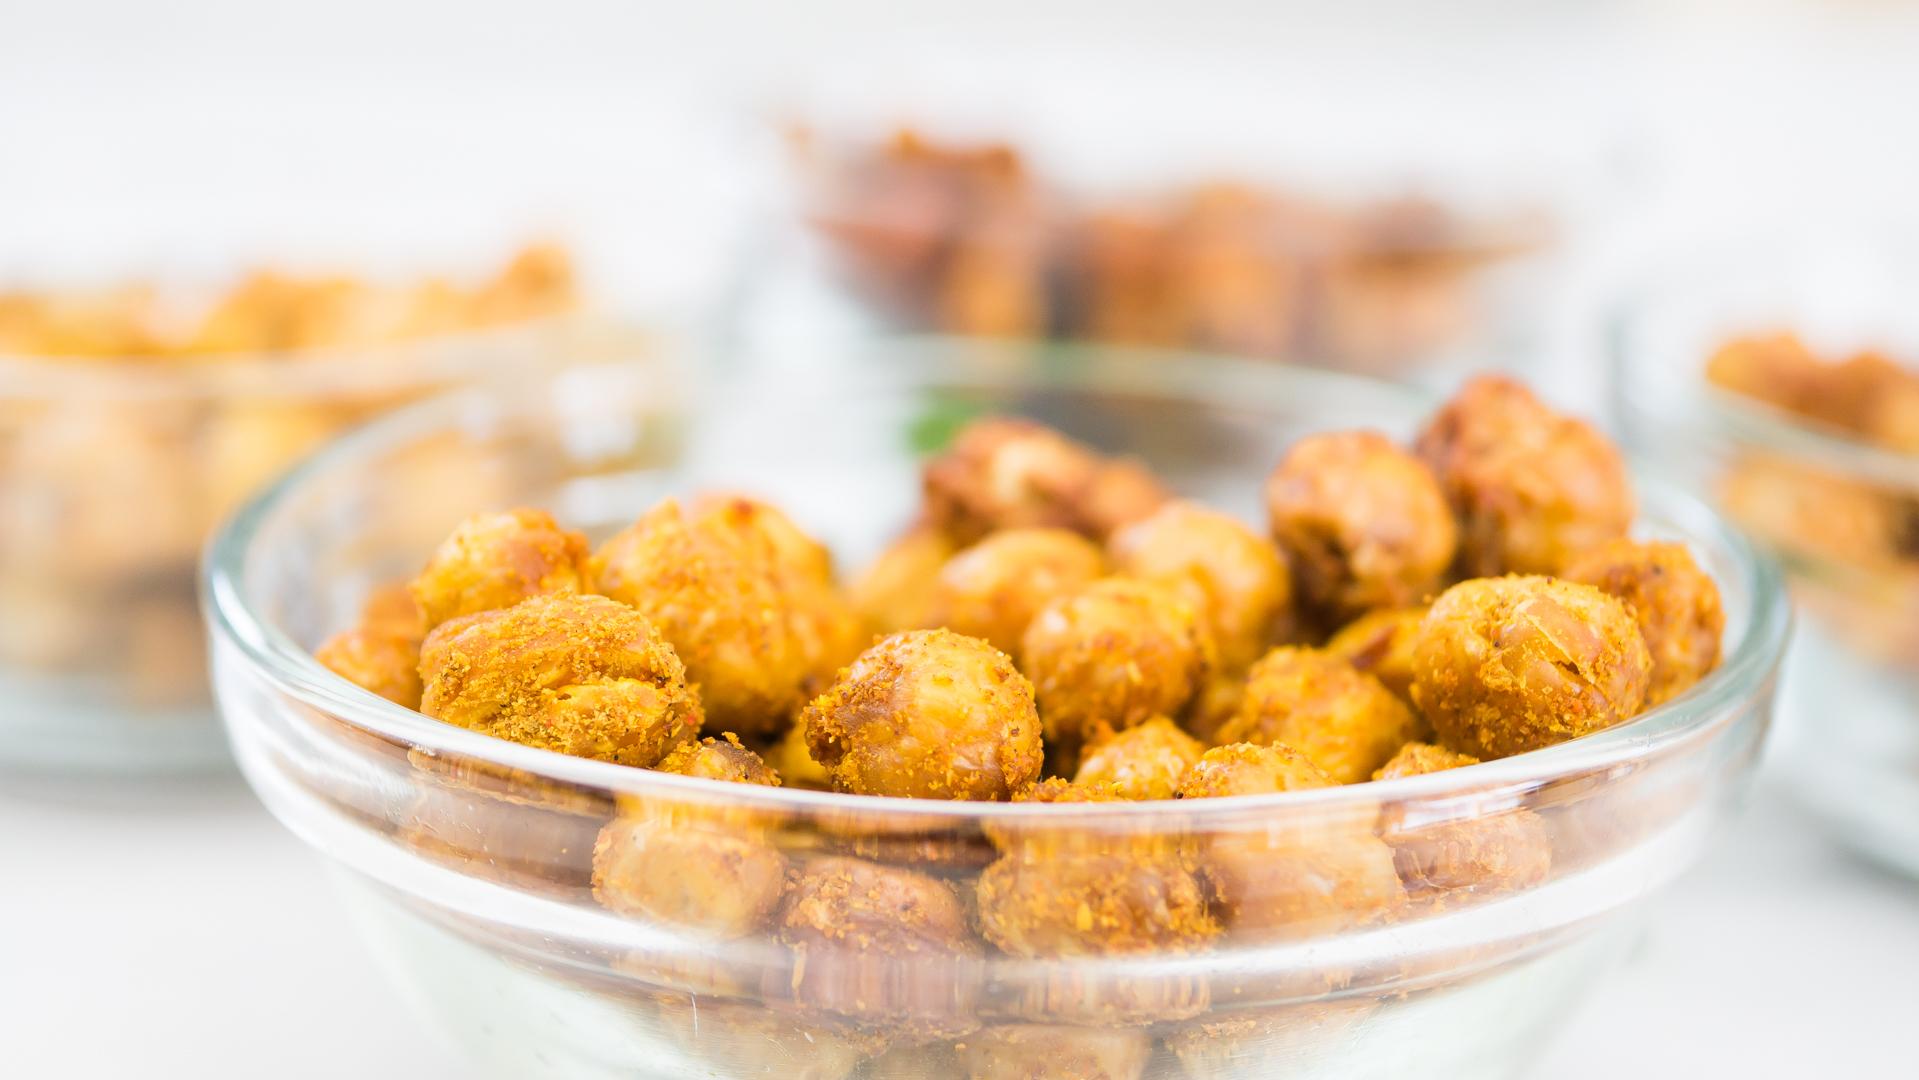 Roast Chickpeas 4 ways